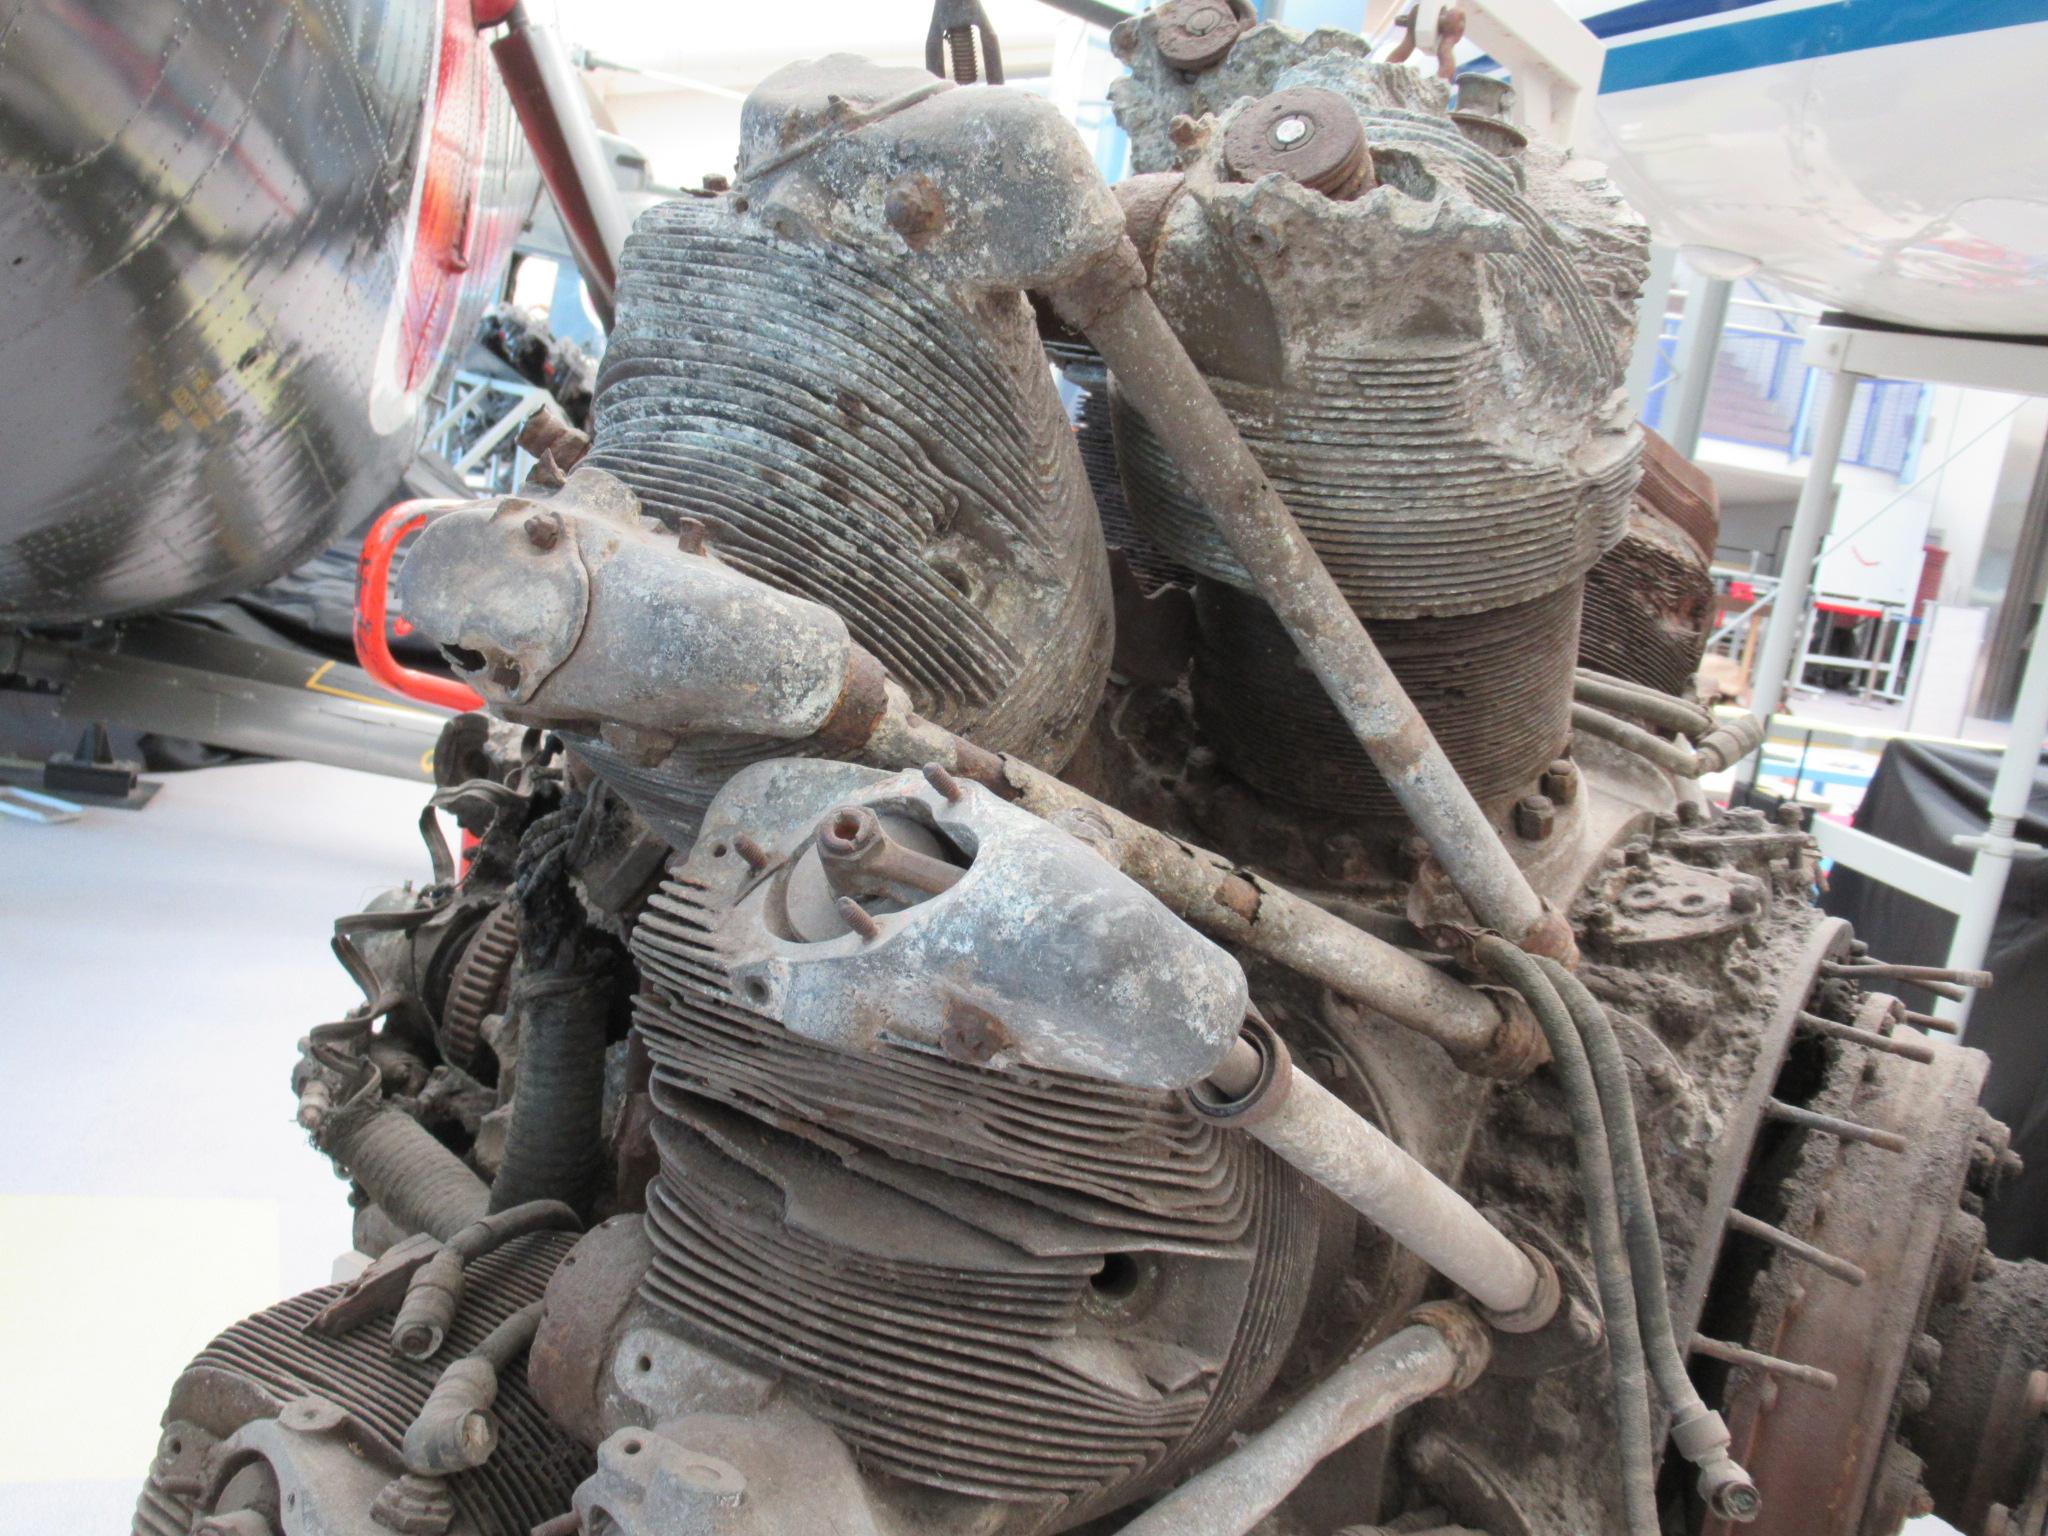 http://www.precious-factory.com/preciousfactory2010/IMG_0200.JPG